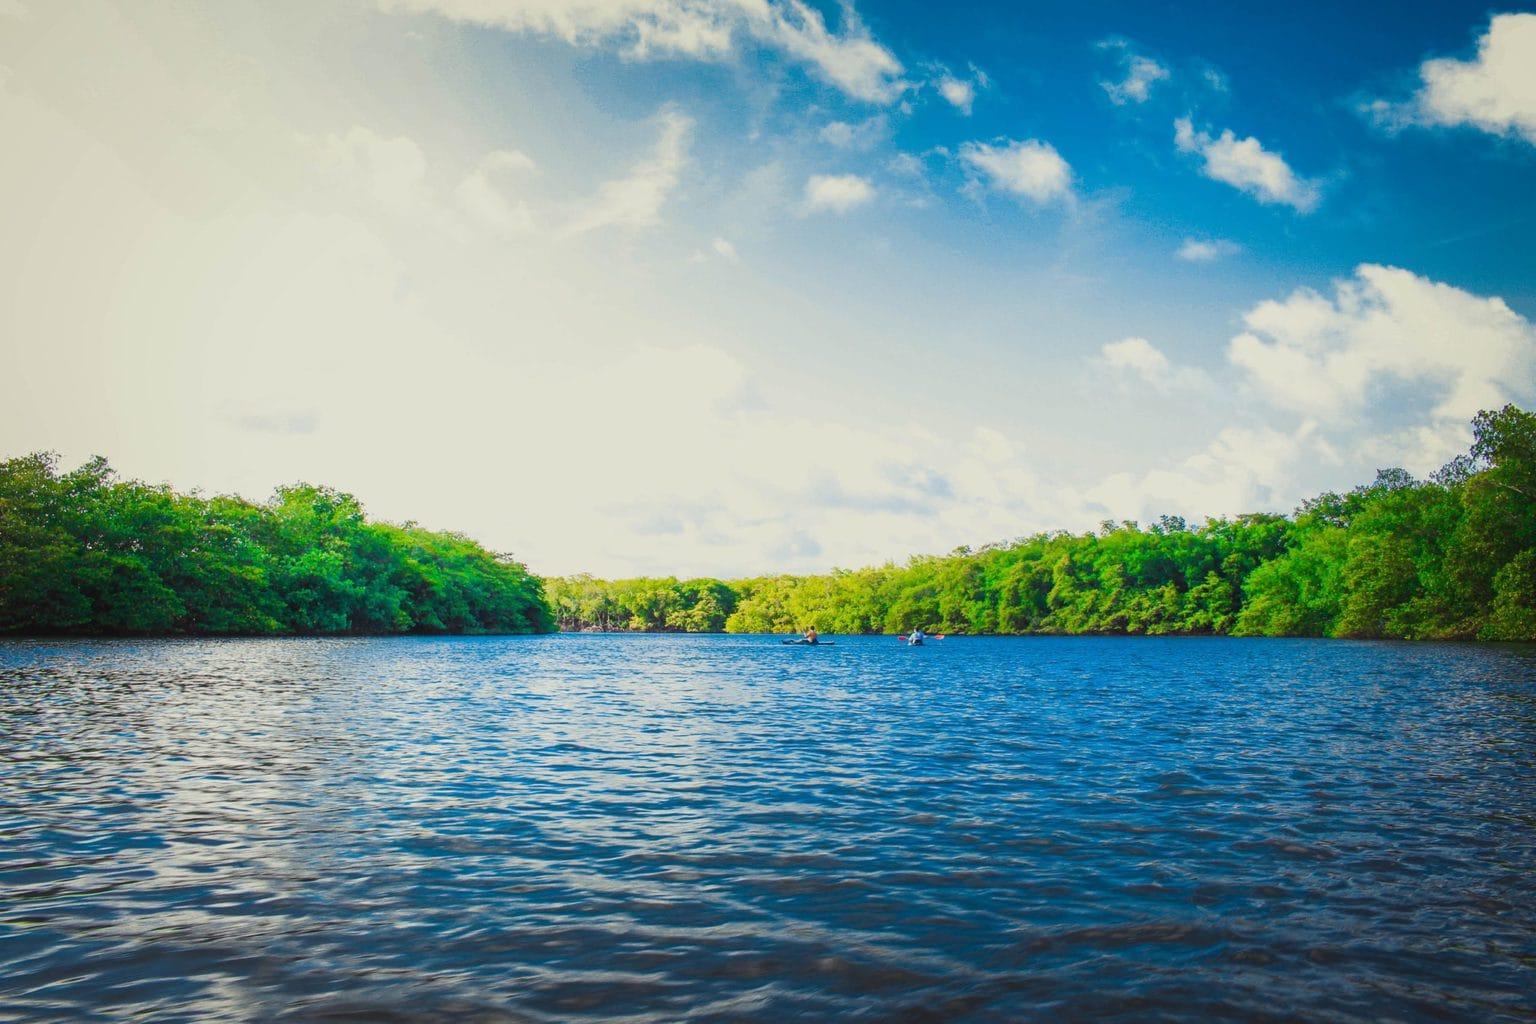 foto de río o lago, entorno natural